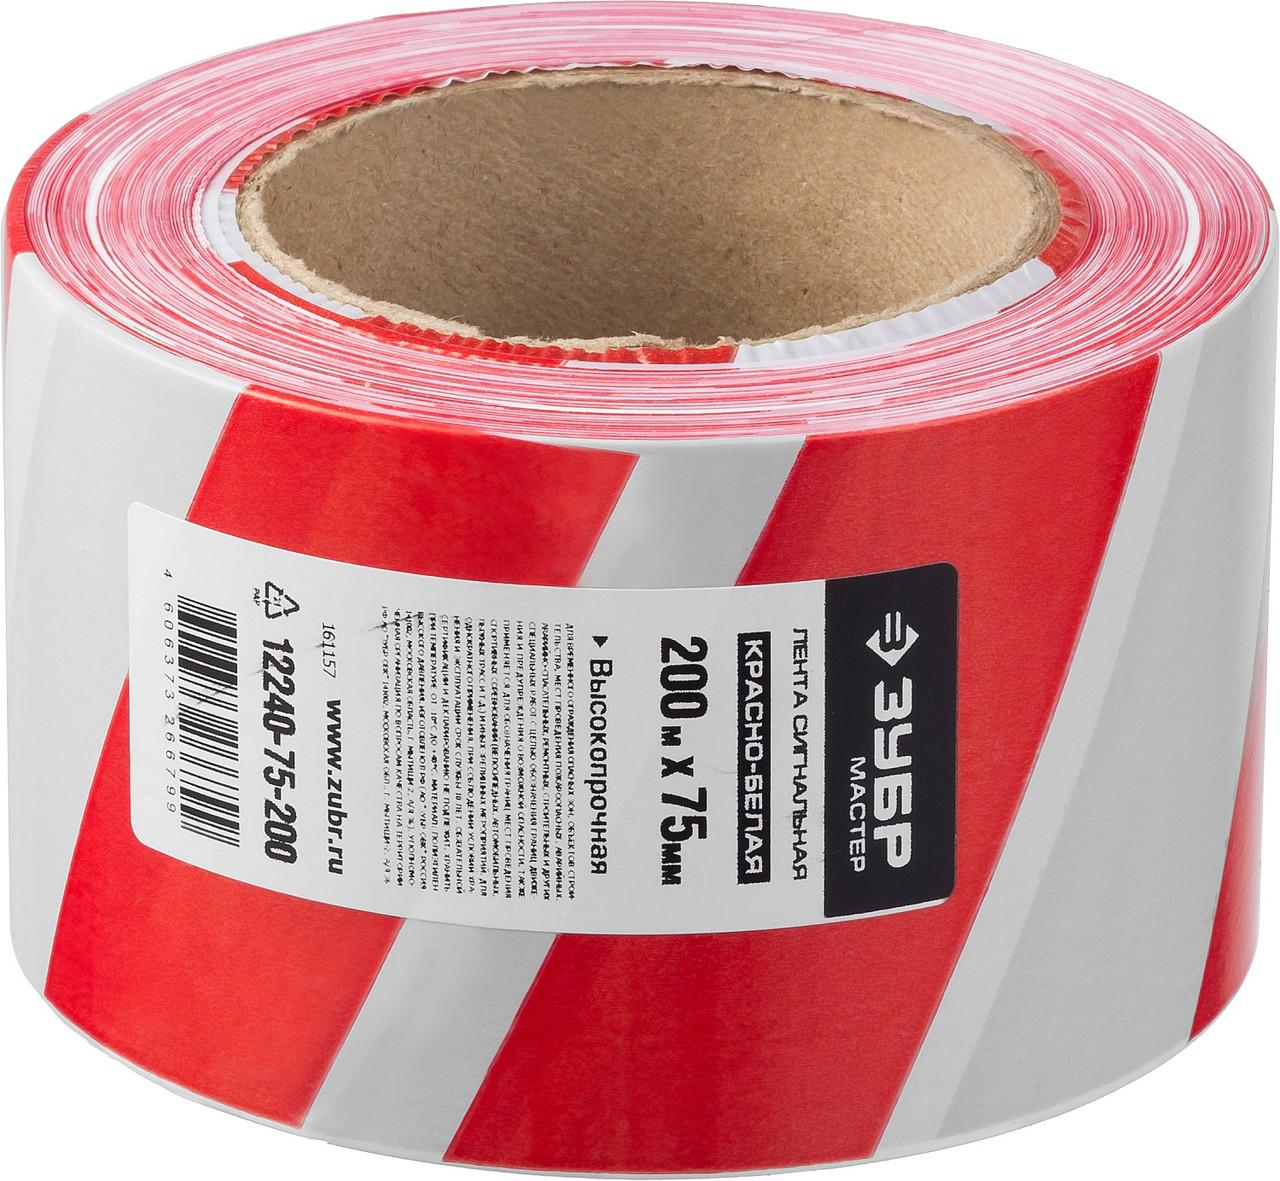 Сигнальная лента, цвет красно-белый, 75мм х 200м, ЗУБР Мастер